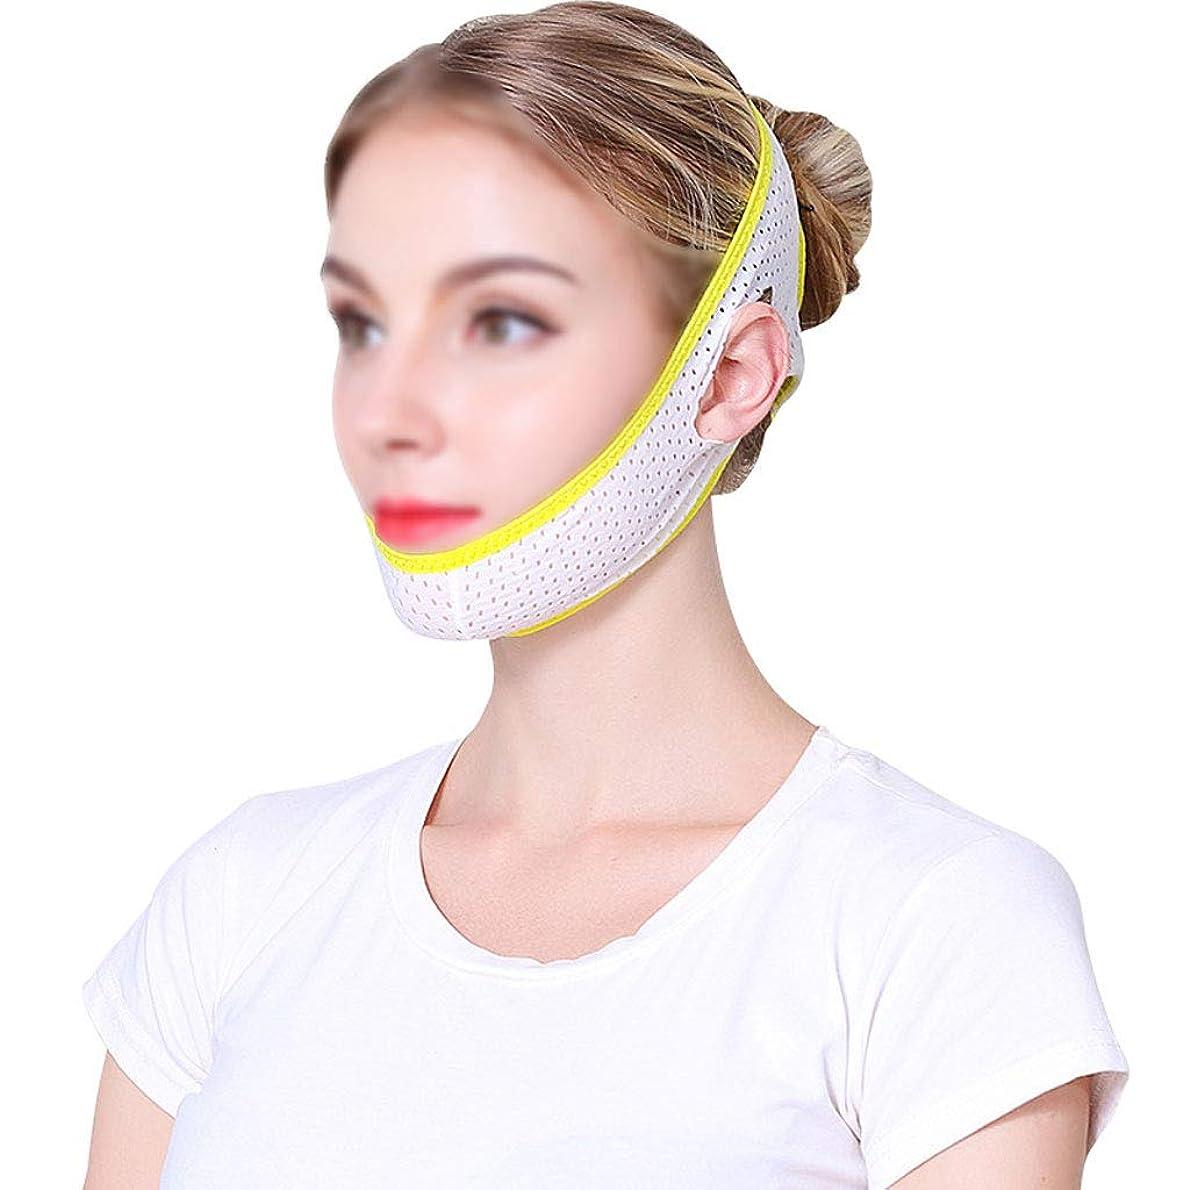 意気消沈した極小ナチュラXHLMRMJ マスク包帯を持ち上げて、整形手術の夏通気性の薄いセクション二重あごストラップVフェイス薄いフェイスマスク